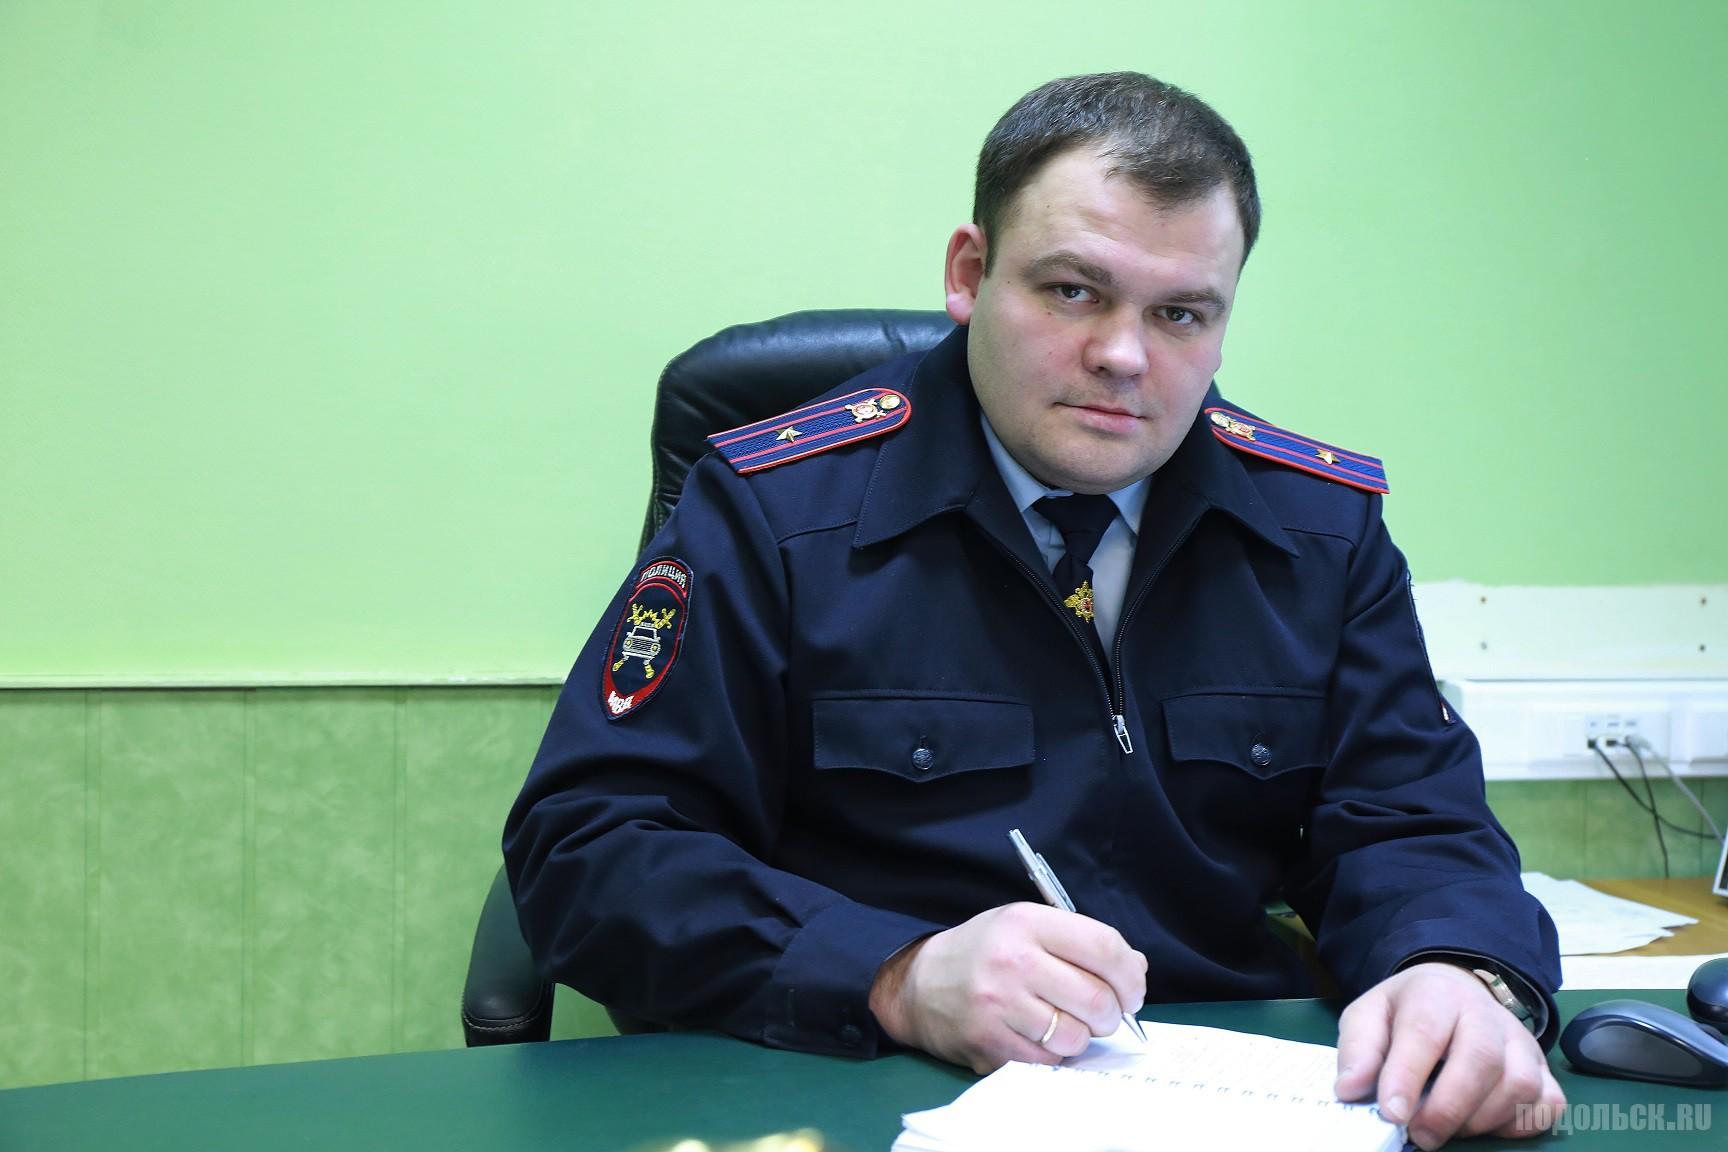 Начальник ОГИБДД Ю. Черепянский. 2016 г.